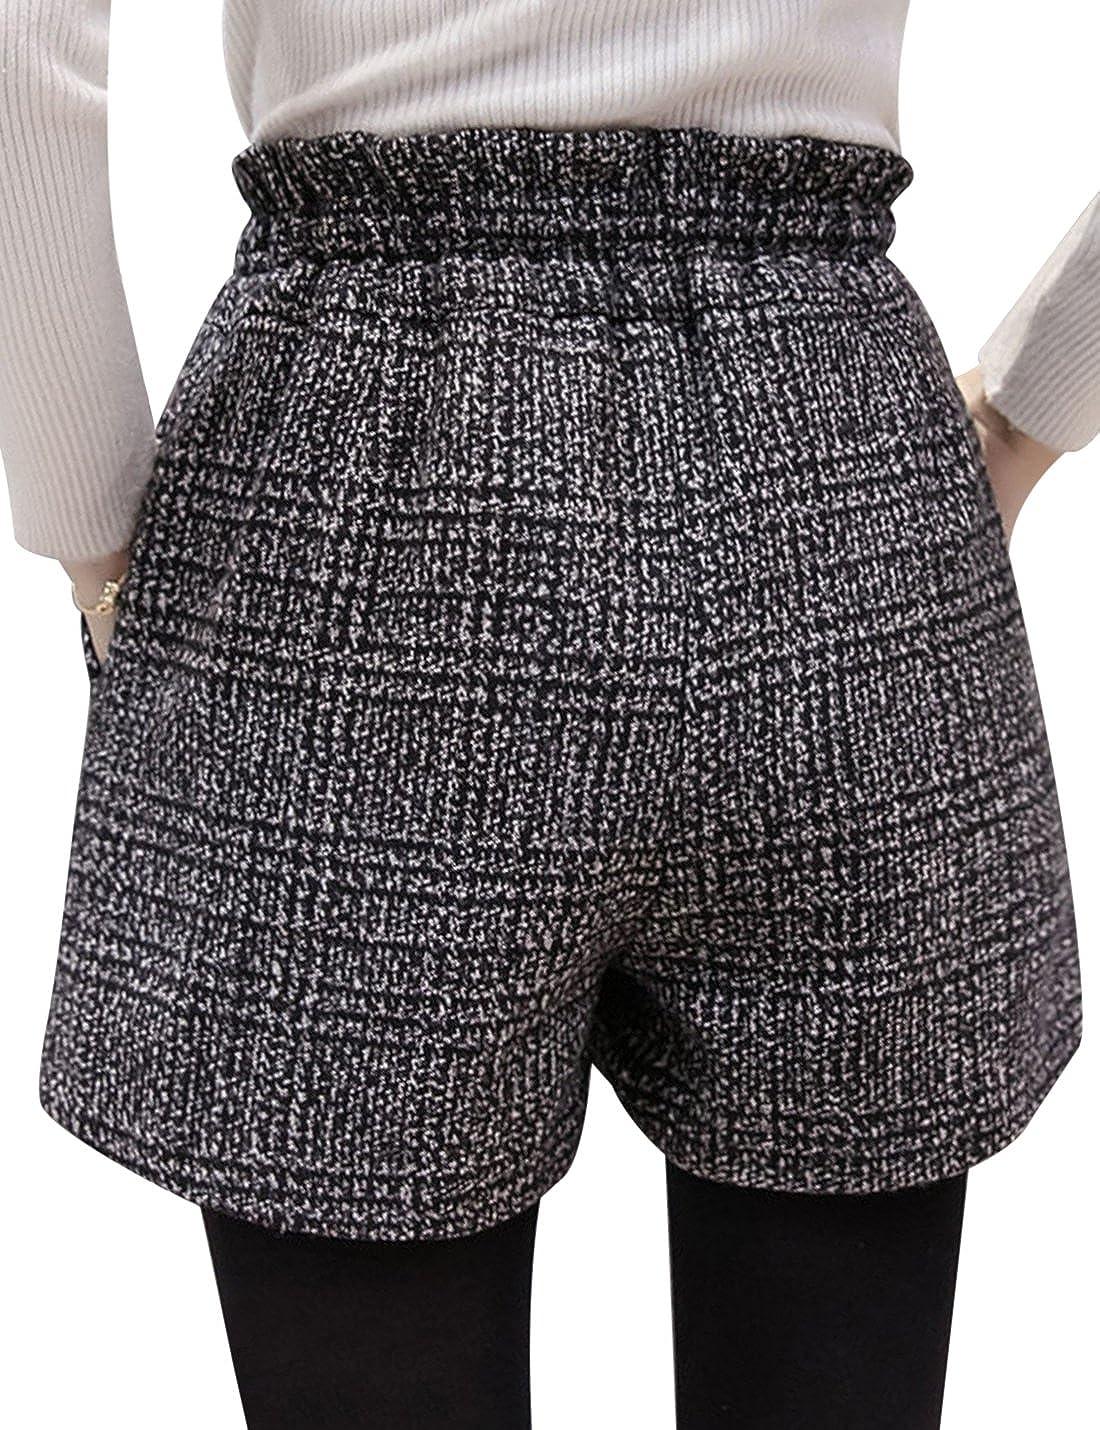 Tanming Womens Thick Elastic Wait Check Plaid Shorts